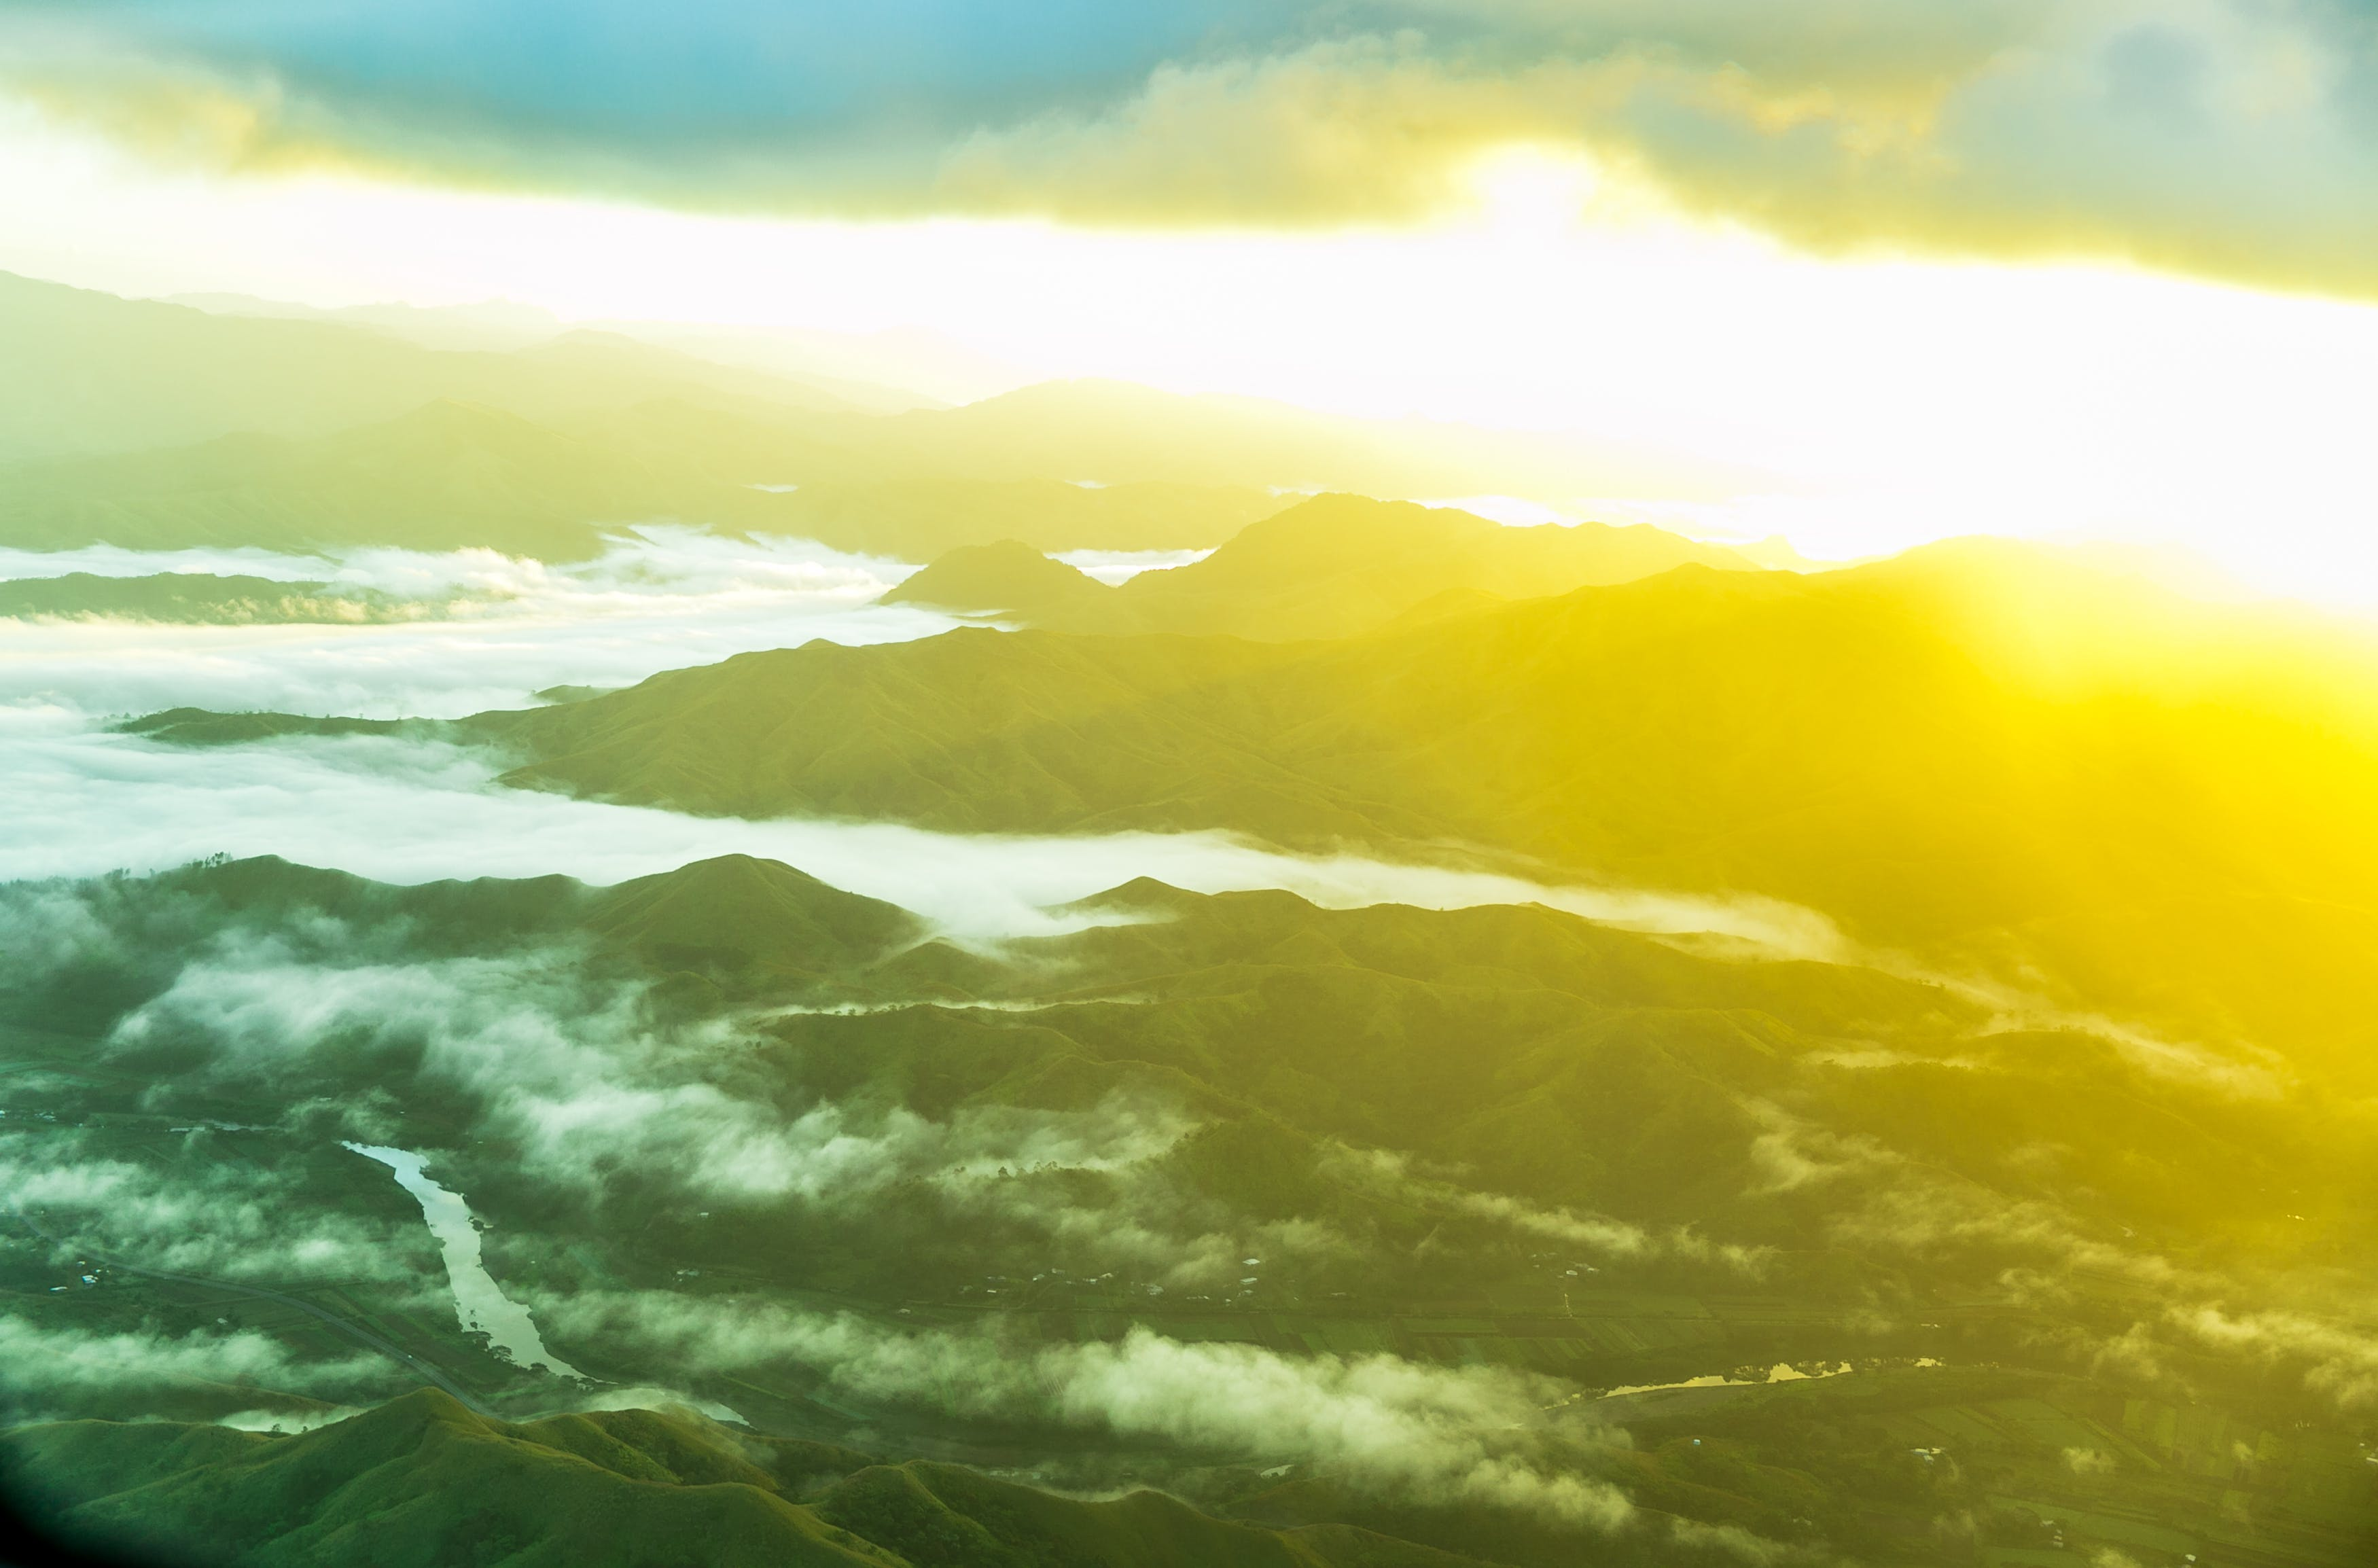 fiji, mountains, nature